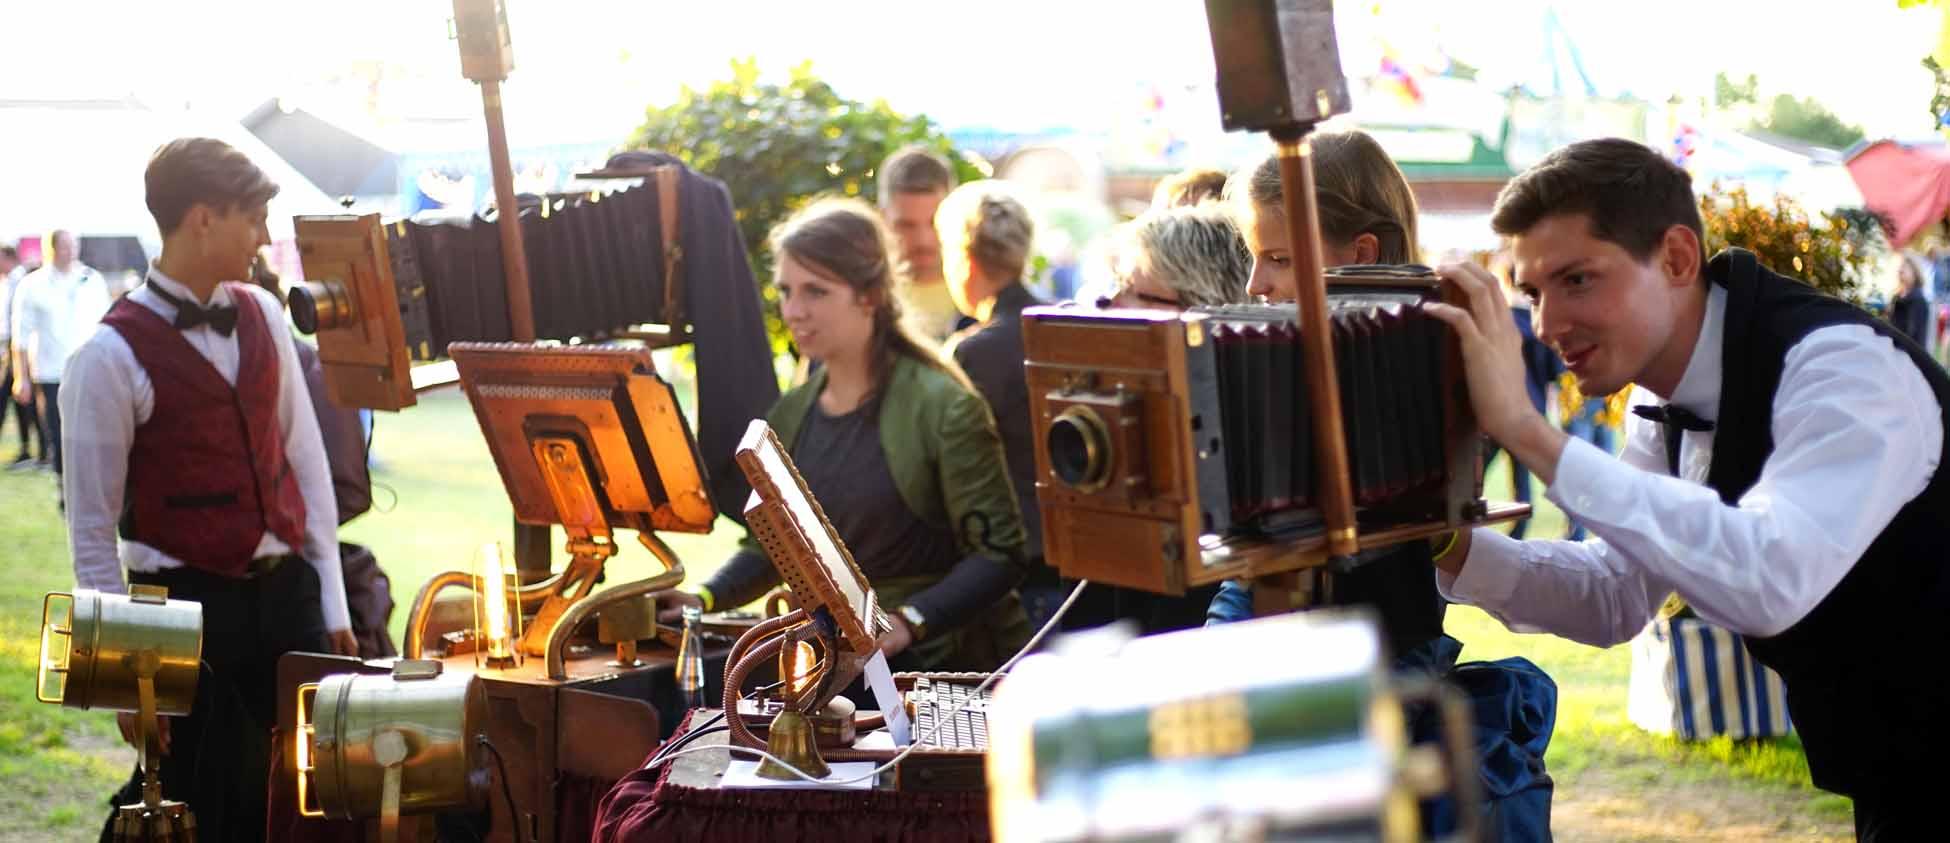 historischer Fotograf auf Jahrmarkt